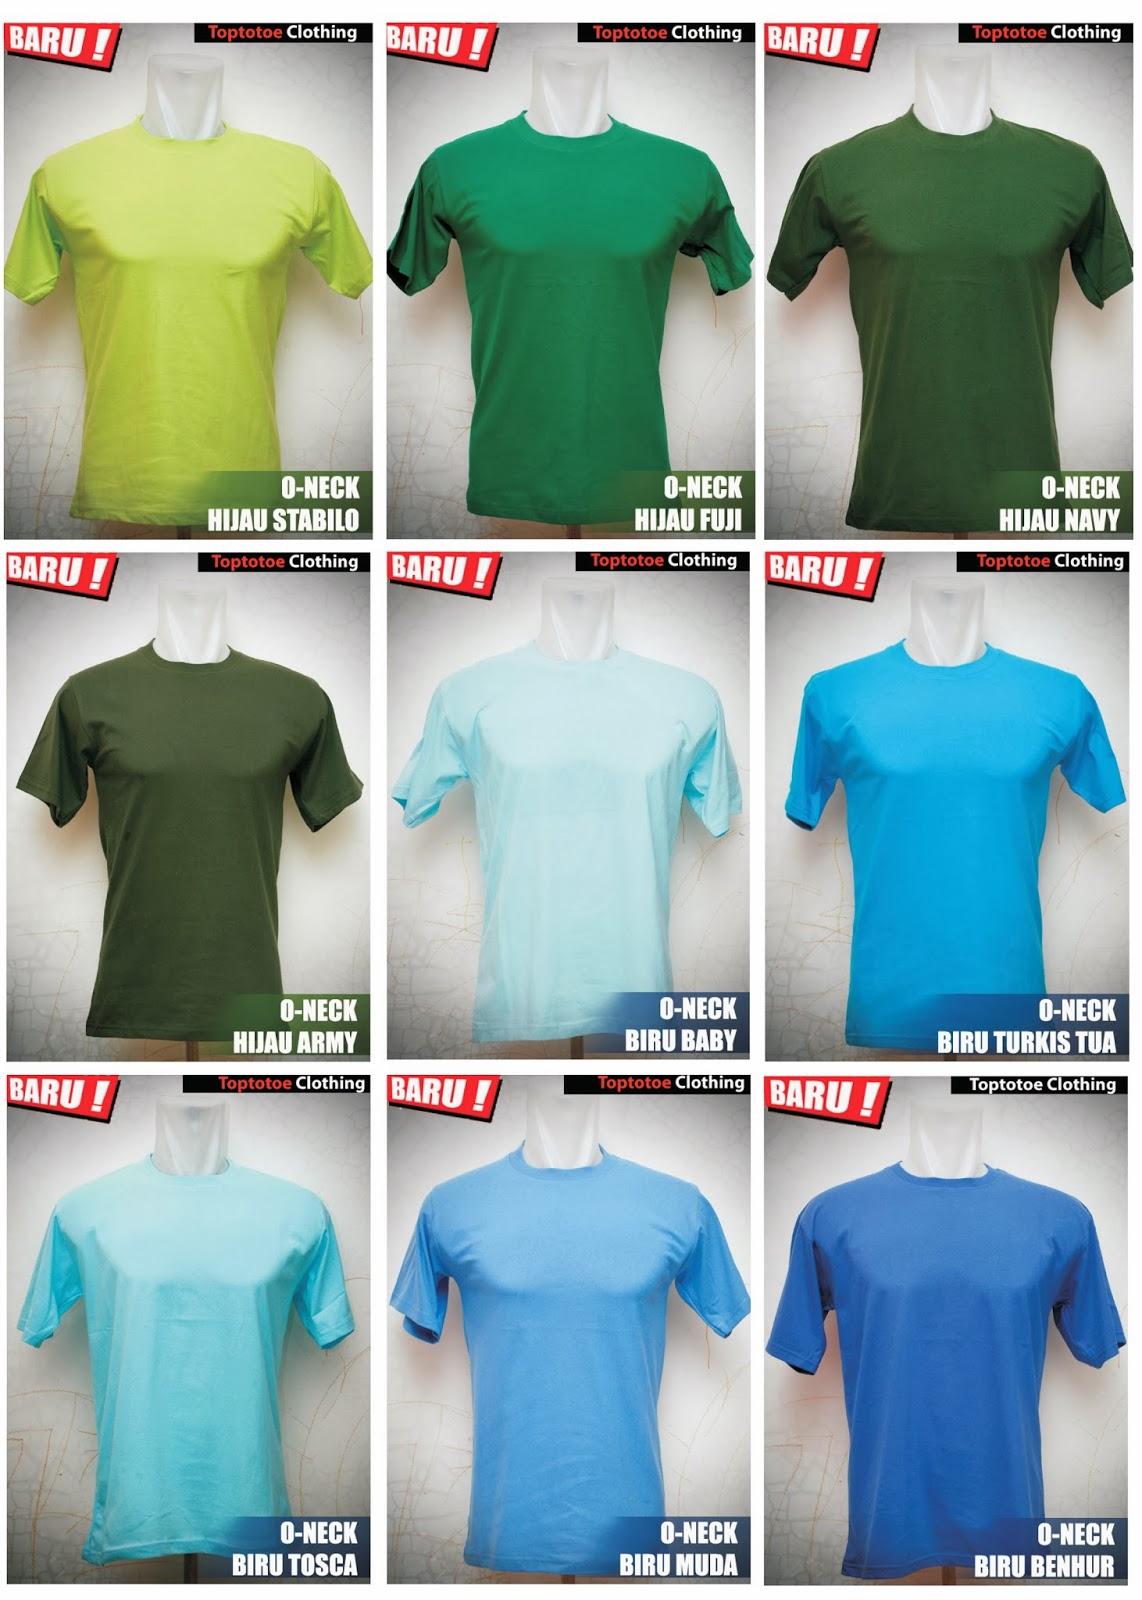 Kaos Polos Oneck Full Cotton Combed 20s 30s Toptotoe Clothing Size M Jenis Bahan Katun Ini Cocok Untuk Dipakai Sehari Hari Lembut Nyaman Dan Menyerap Keringat Bisa Beli Satuan Tanpa Minimum